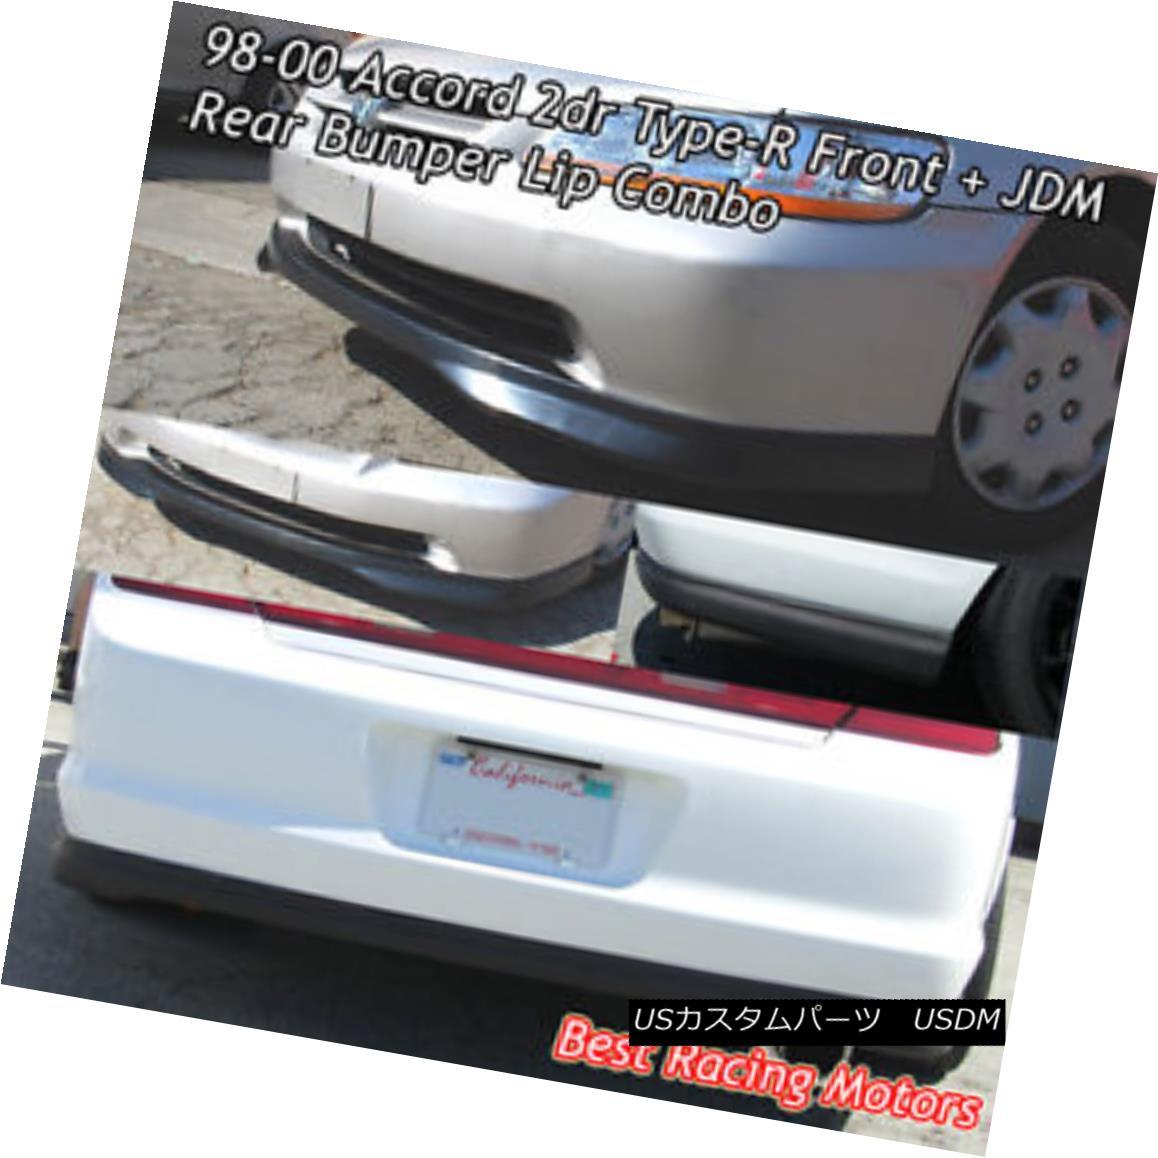 エアロパーツ TR Style Front (PP) + OE Style Rear Bumper Lip (PU) Fit 98-00 Accord 2dr TRスタイルフロント(PP)+ OEスタイルリアバンパーリップ(PU)フィット98-00アコード2dr